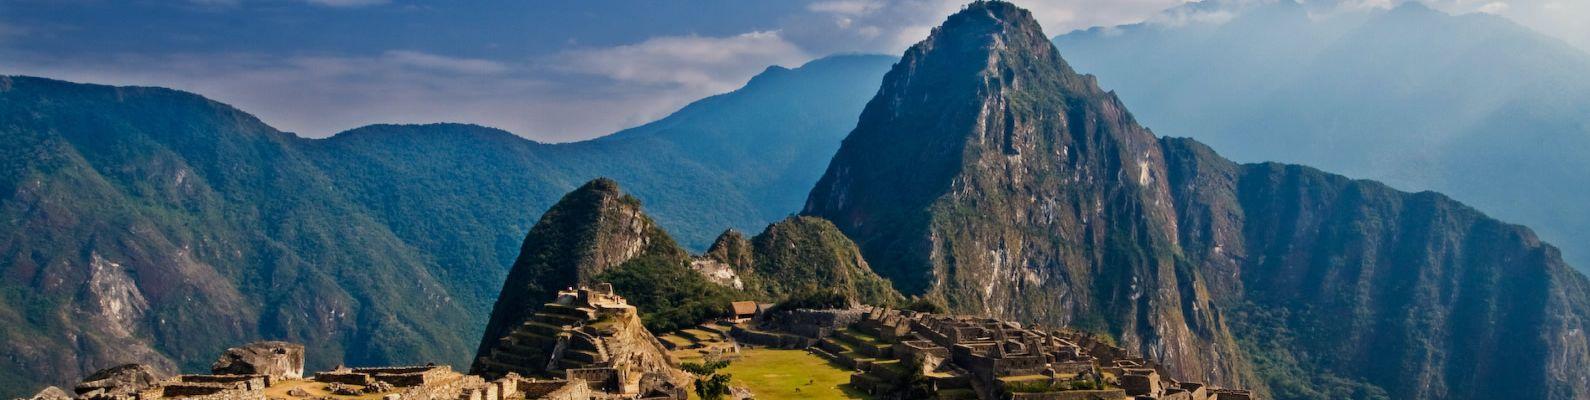 Machu-Picchu-et-Huayna-Picchu